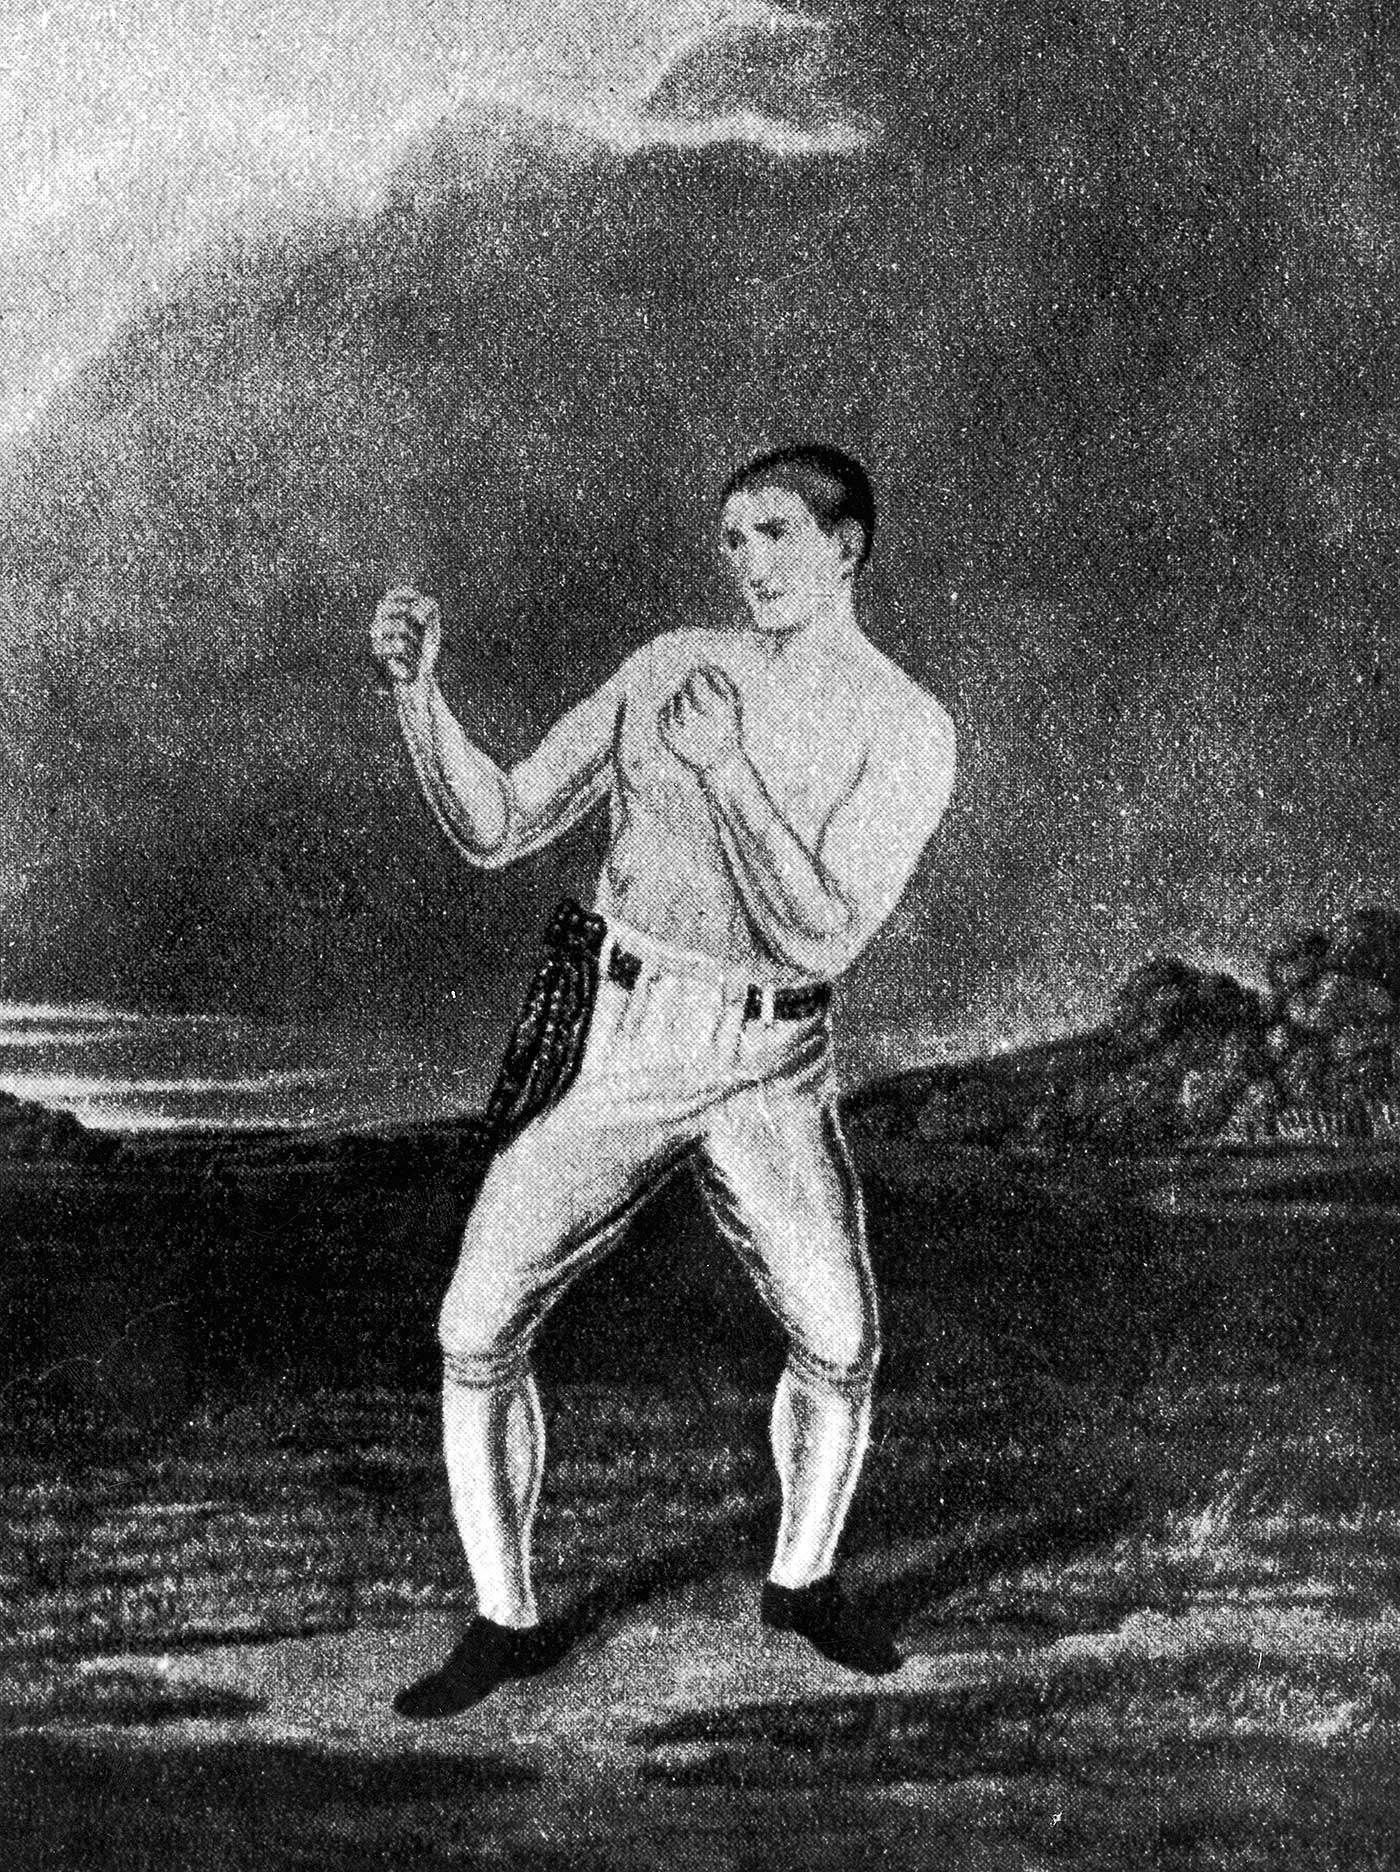 William Thompson, Bendigo, fue un boxeador inglés, que peleó entre 1832 y 1850, aunque alcanzó su momento culminante entre 1836 y 1838. Foto: Henry Guttmann/Hulton Archive/Getty Images